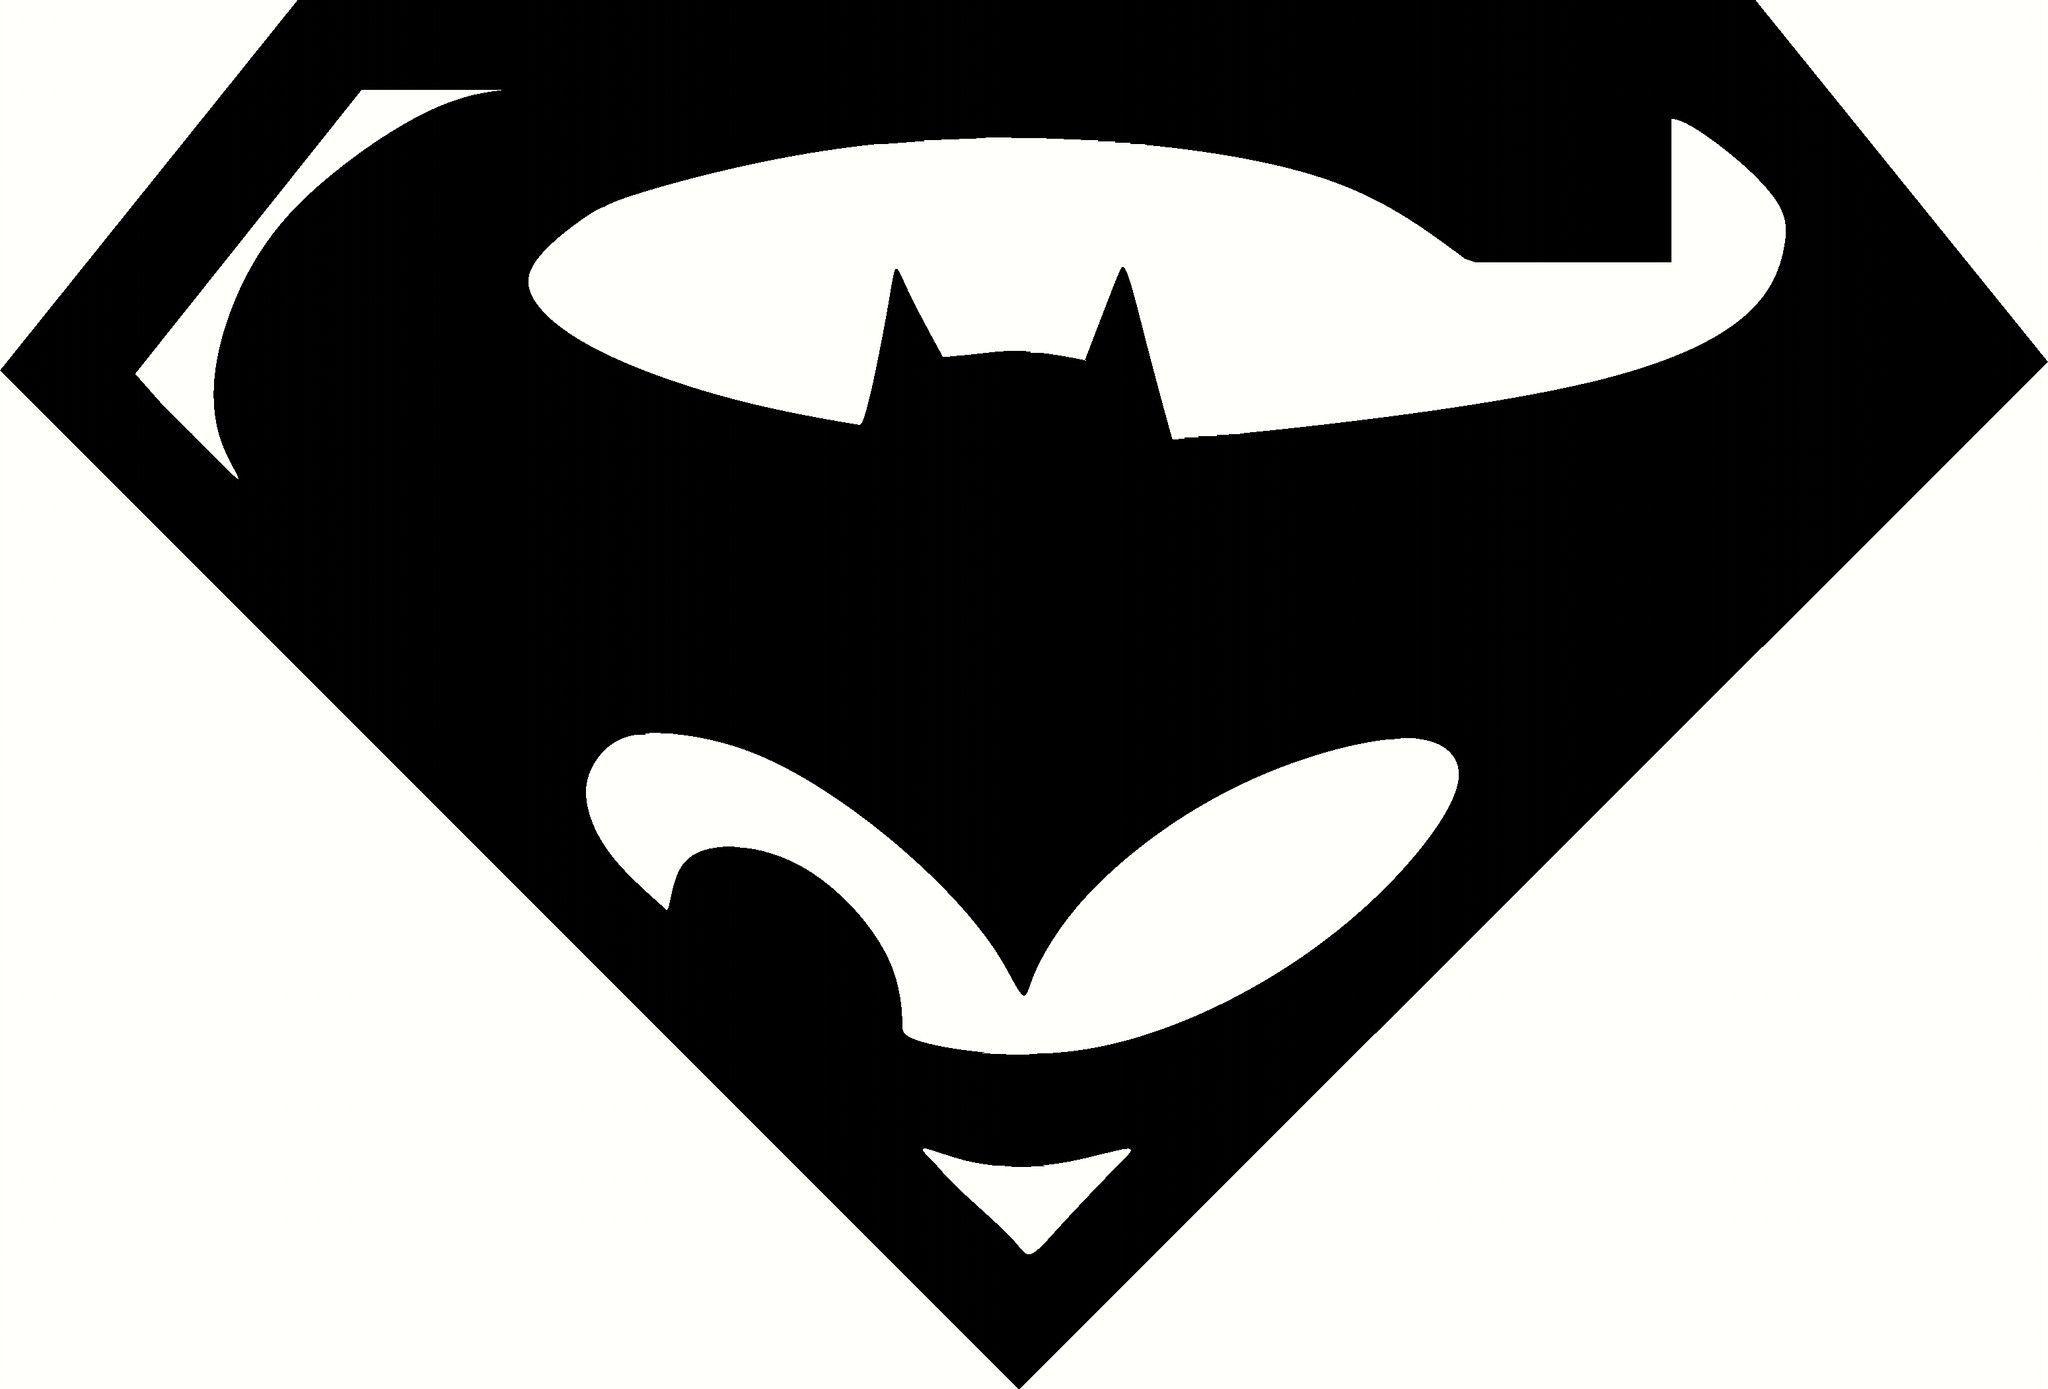 Super bat logo vinyl decal graphic choose your color and - Symbole de superman ...